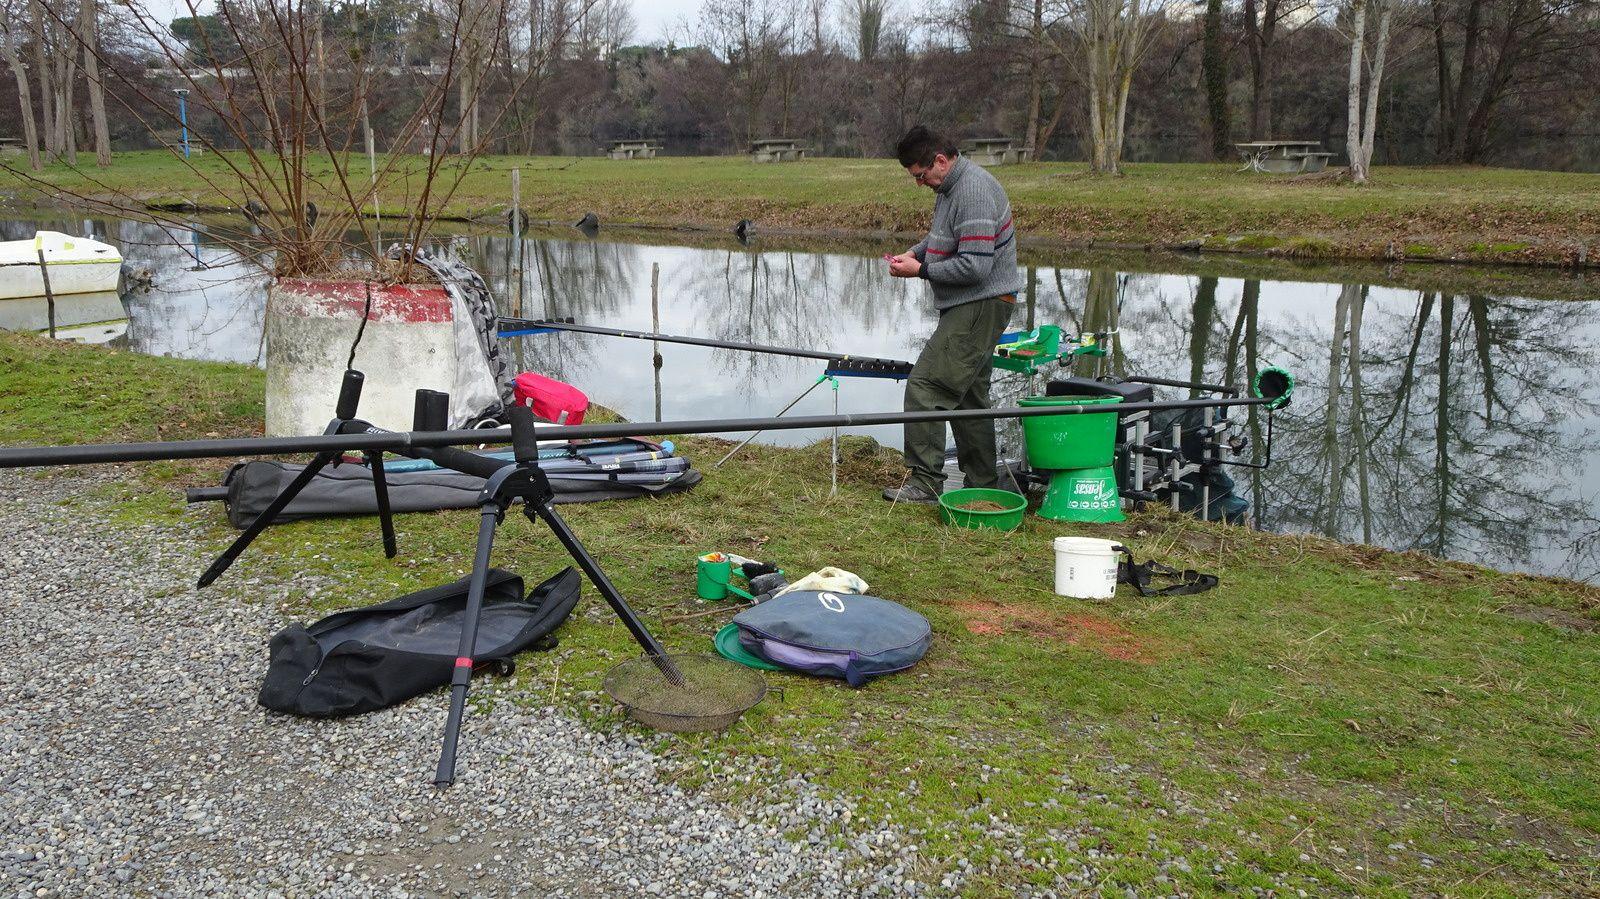 La préparation du poste de pêche et de la canne à pêche